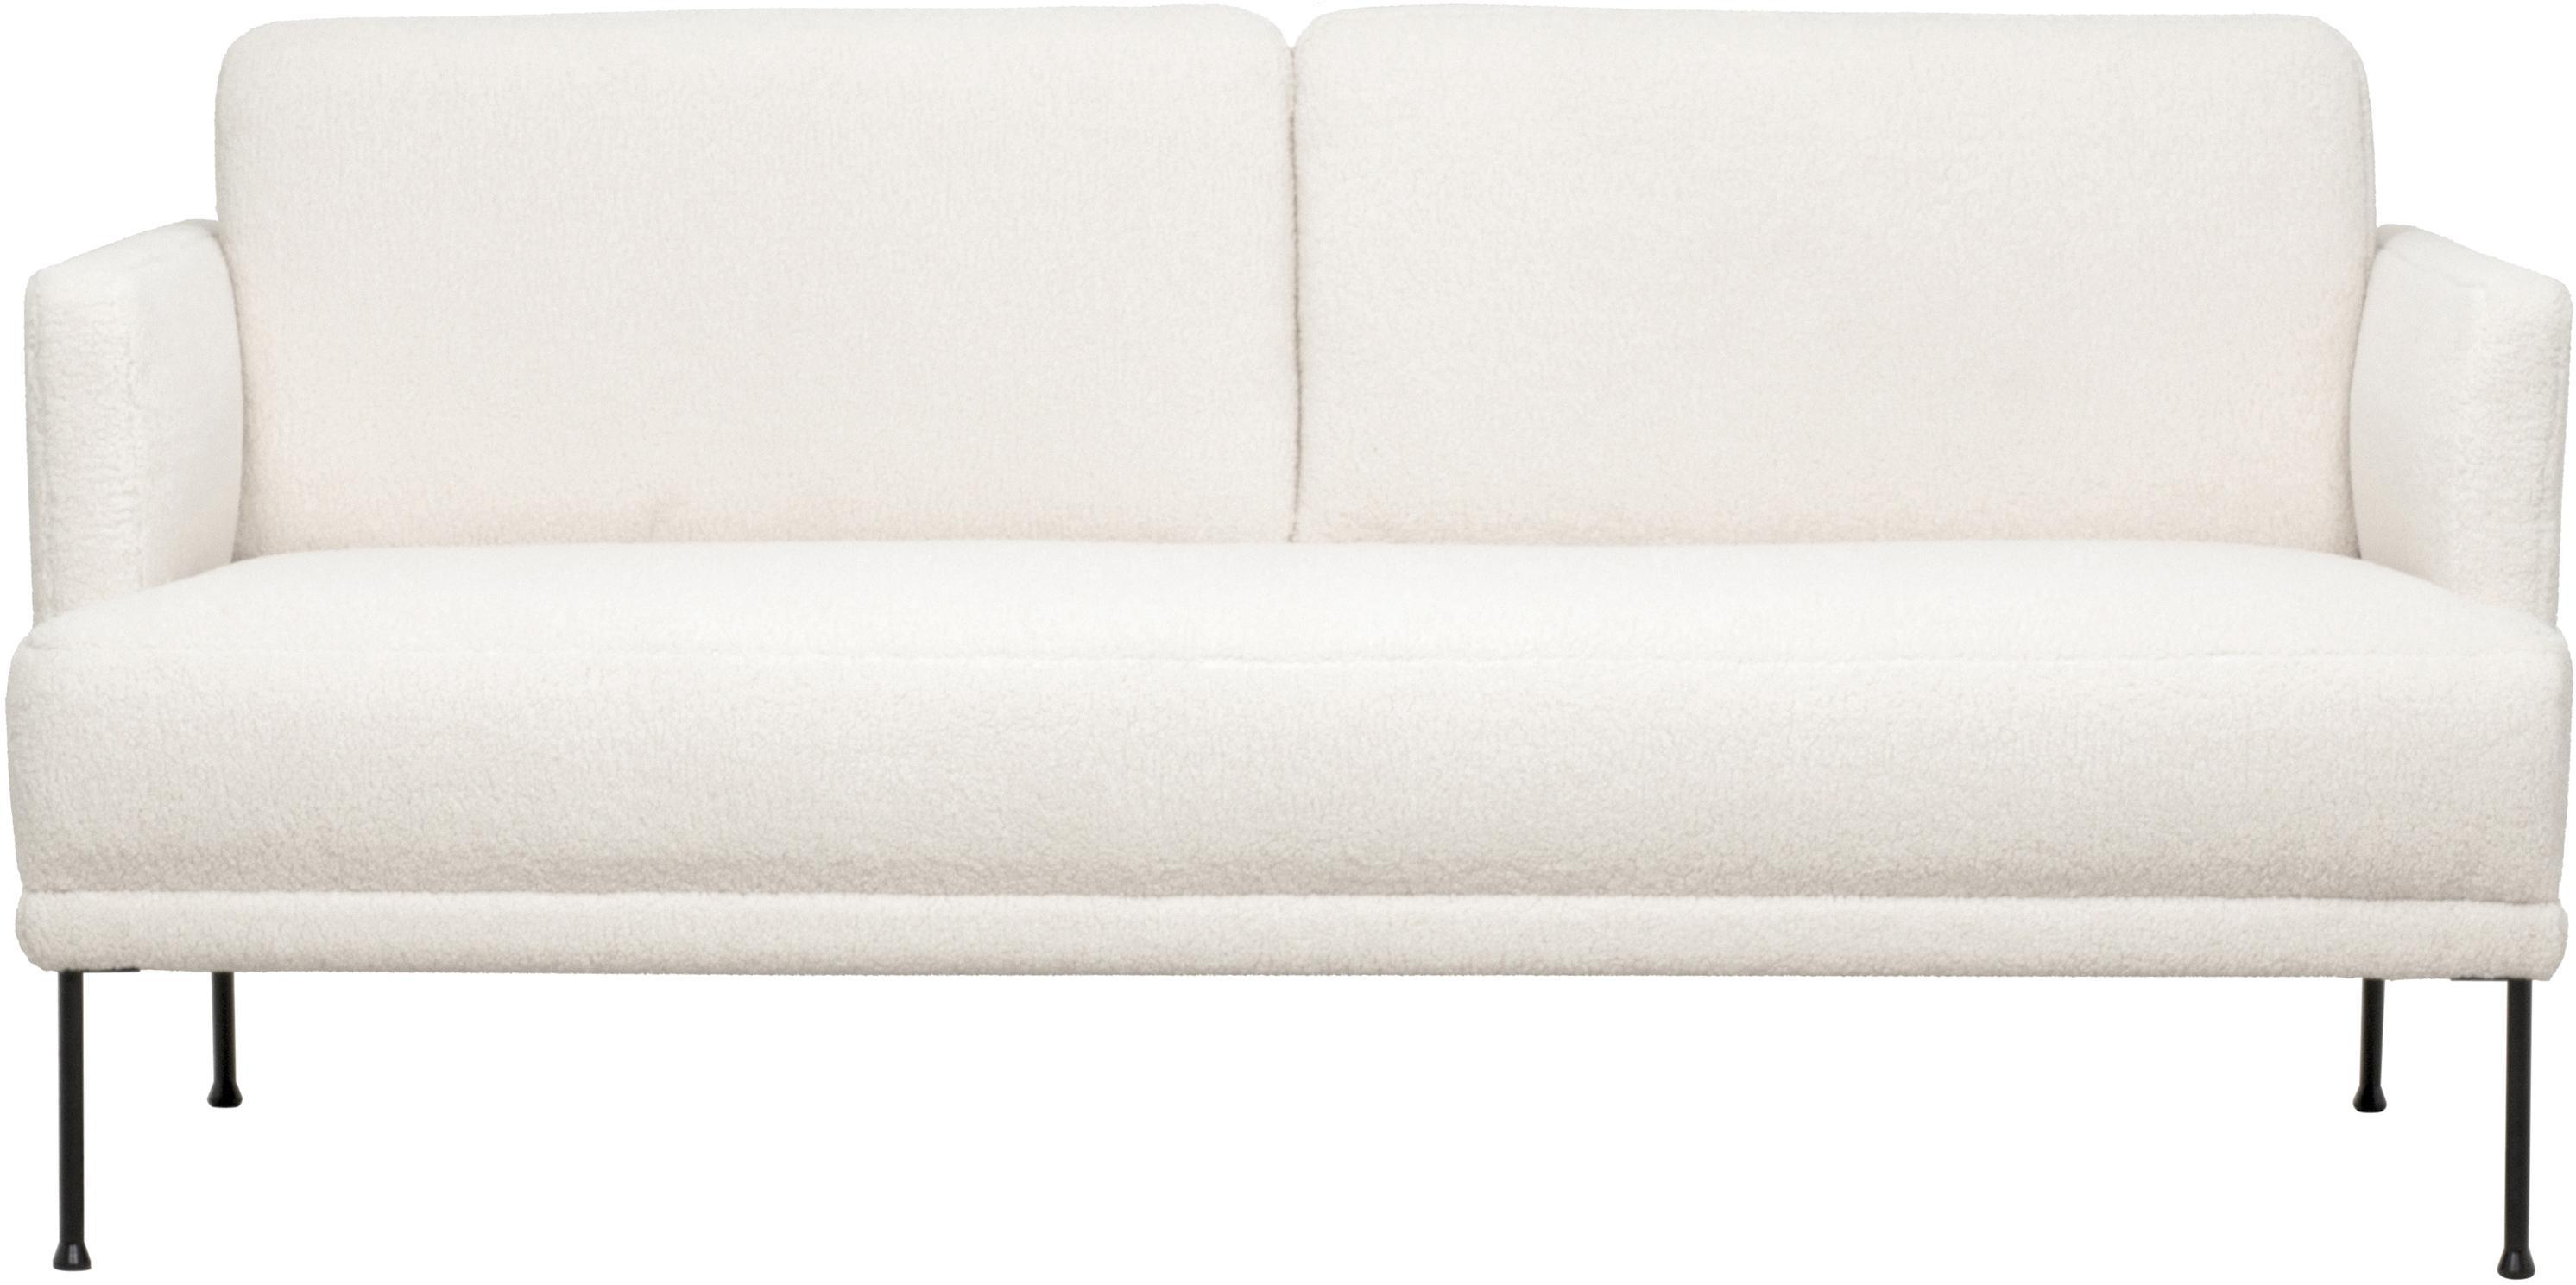 Sofa Teddy Fluente (2-osobowa), Tapicerka: 100% poliester (Teddy) 40, Stelaż: lite drewno sosnowe, Nogi: metal malowany proszkowo, Kremowobiały, S 166 x G 85 cm